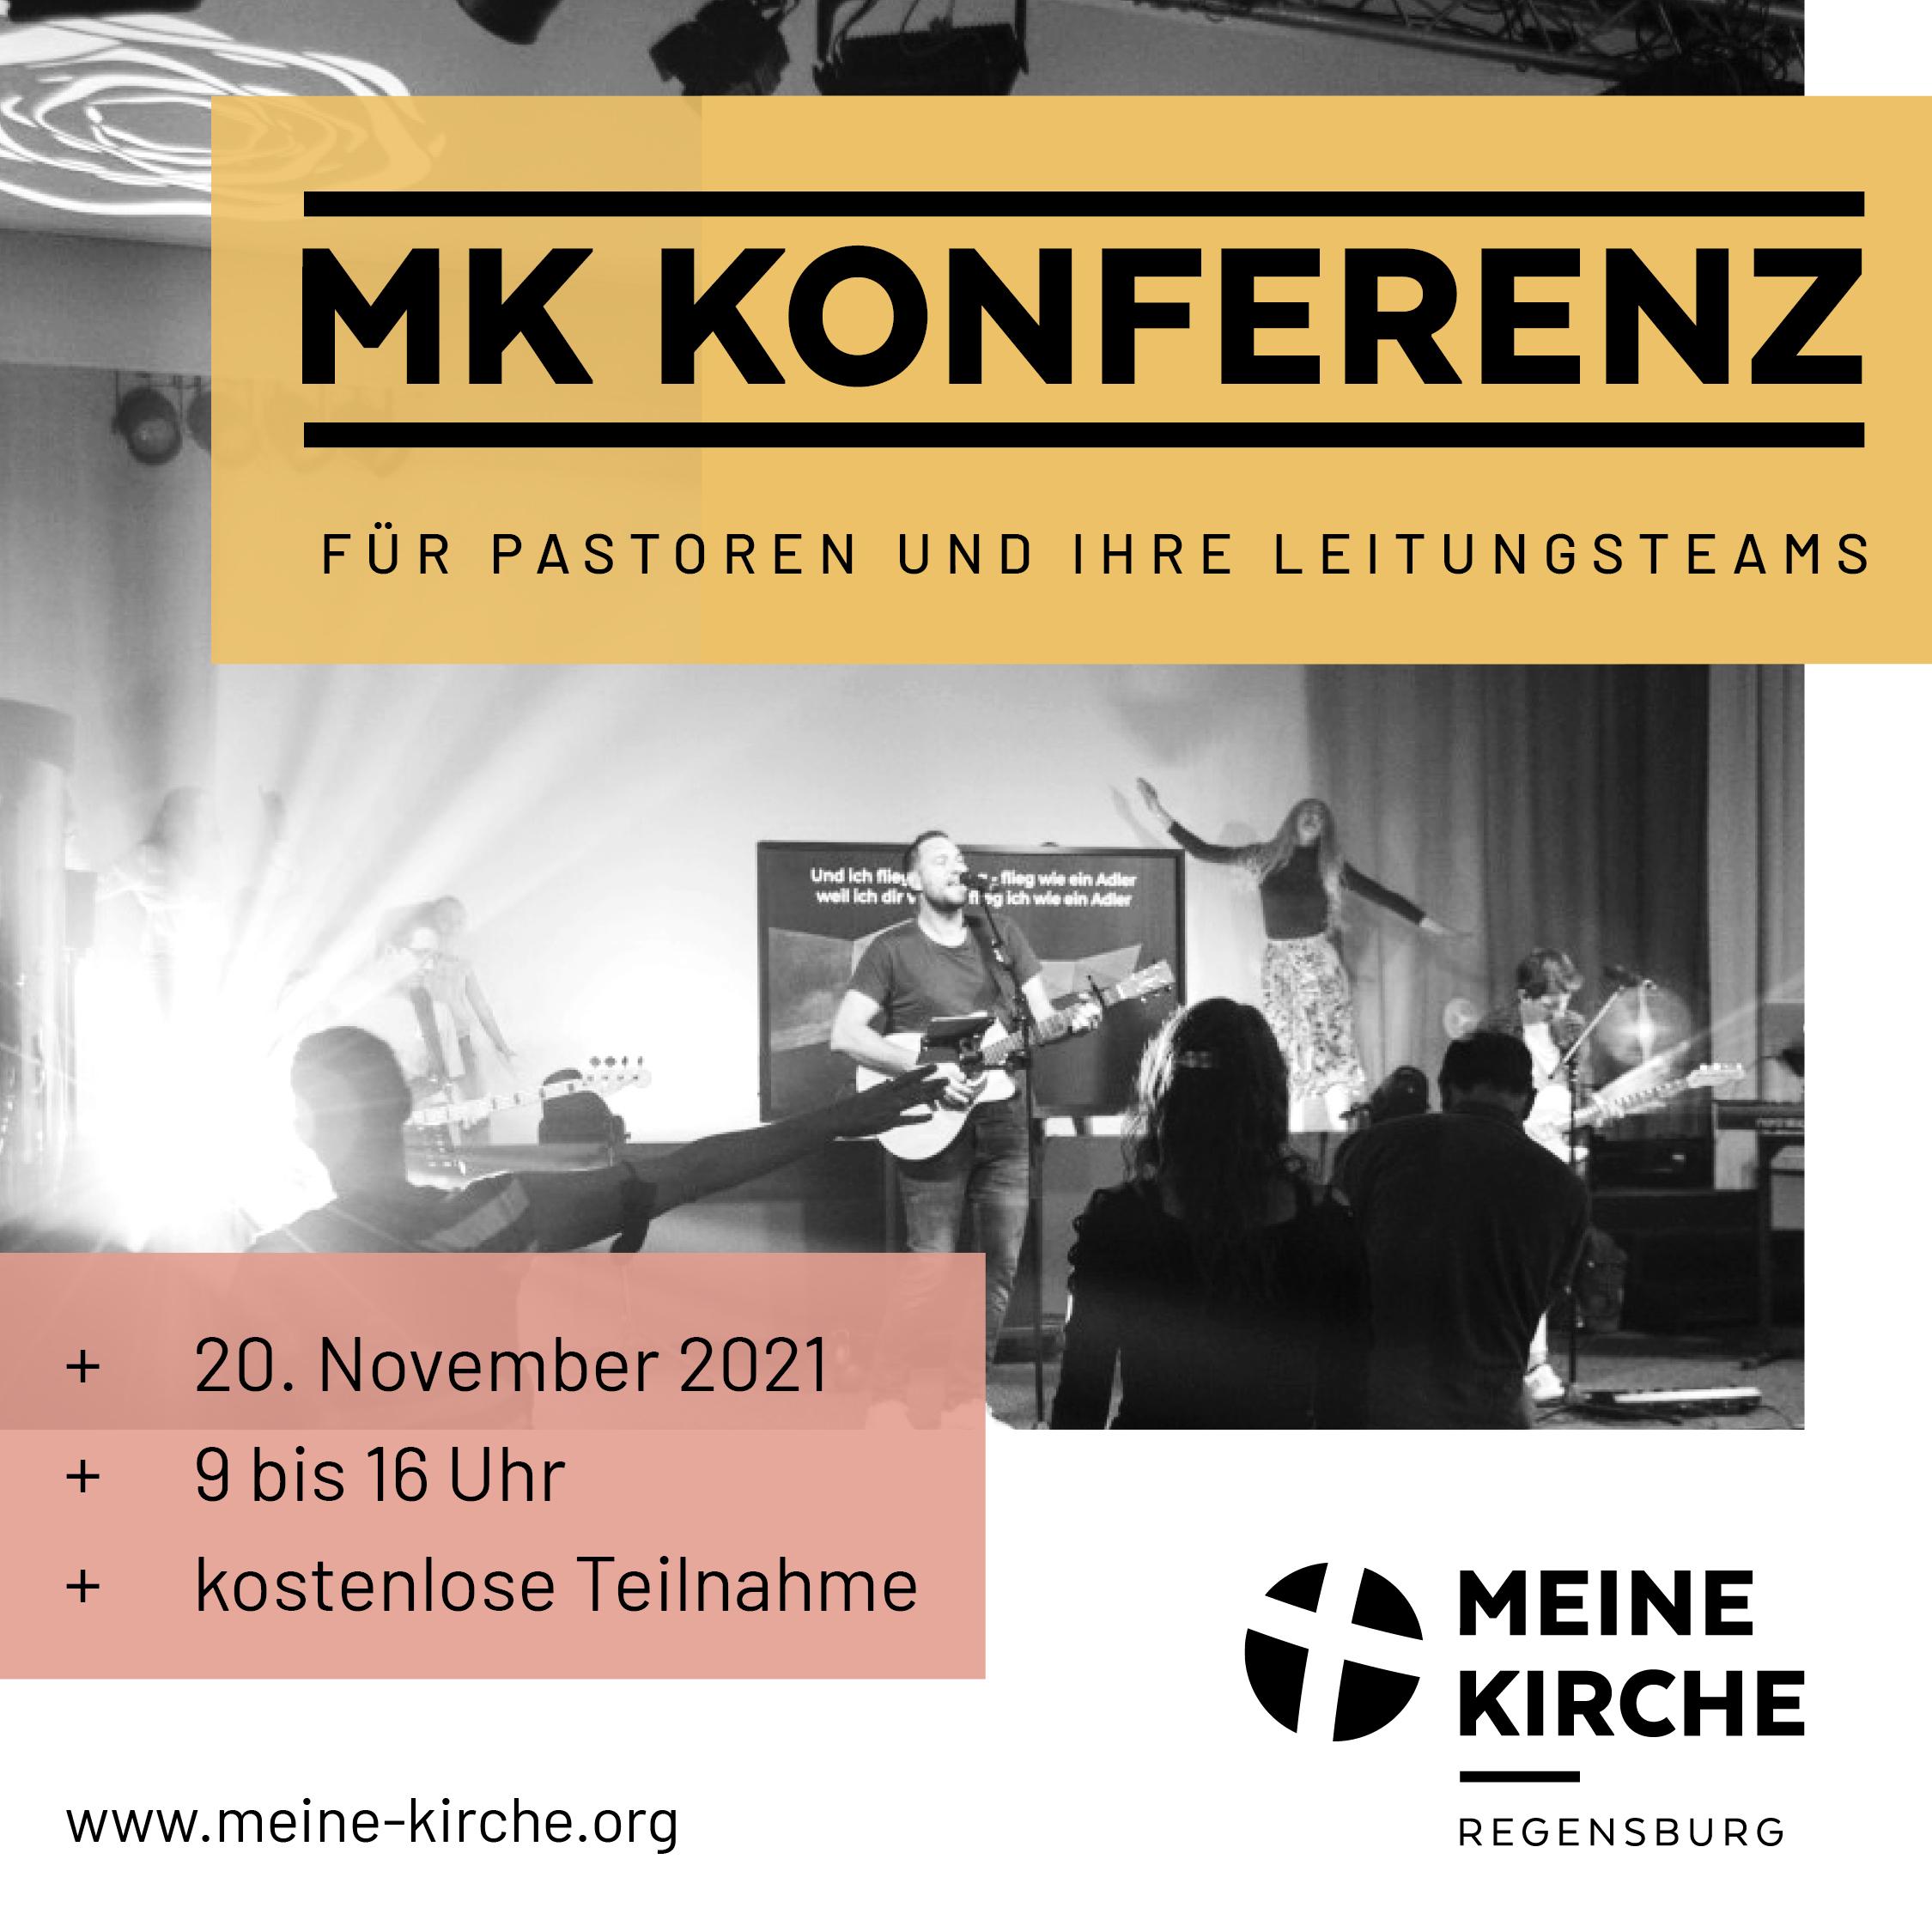 MEINE_KIRCHE_Infoslide_Konferenz_1080x1080px_WEB